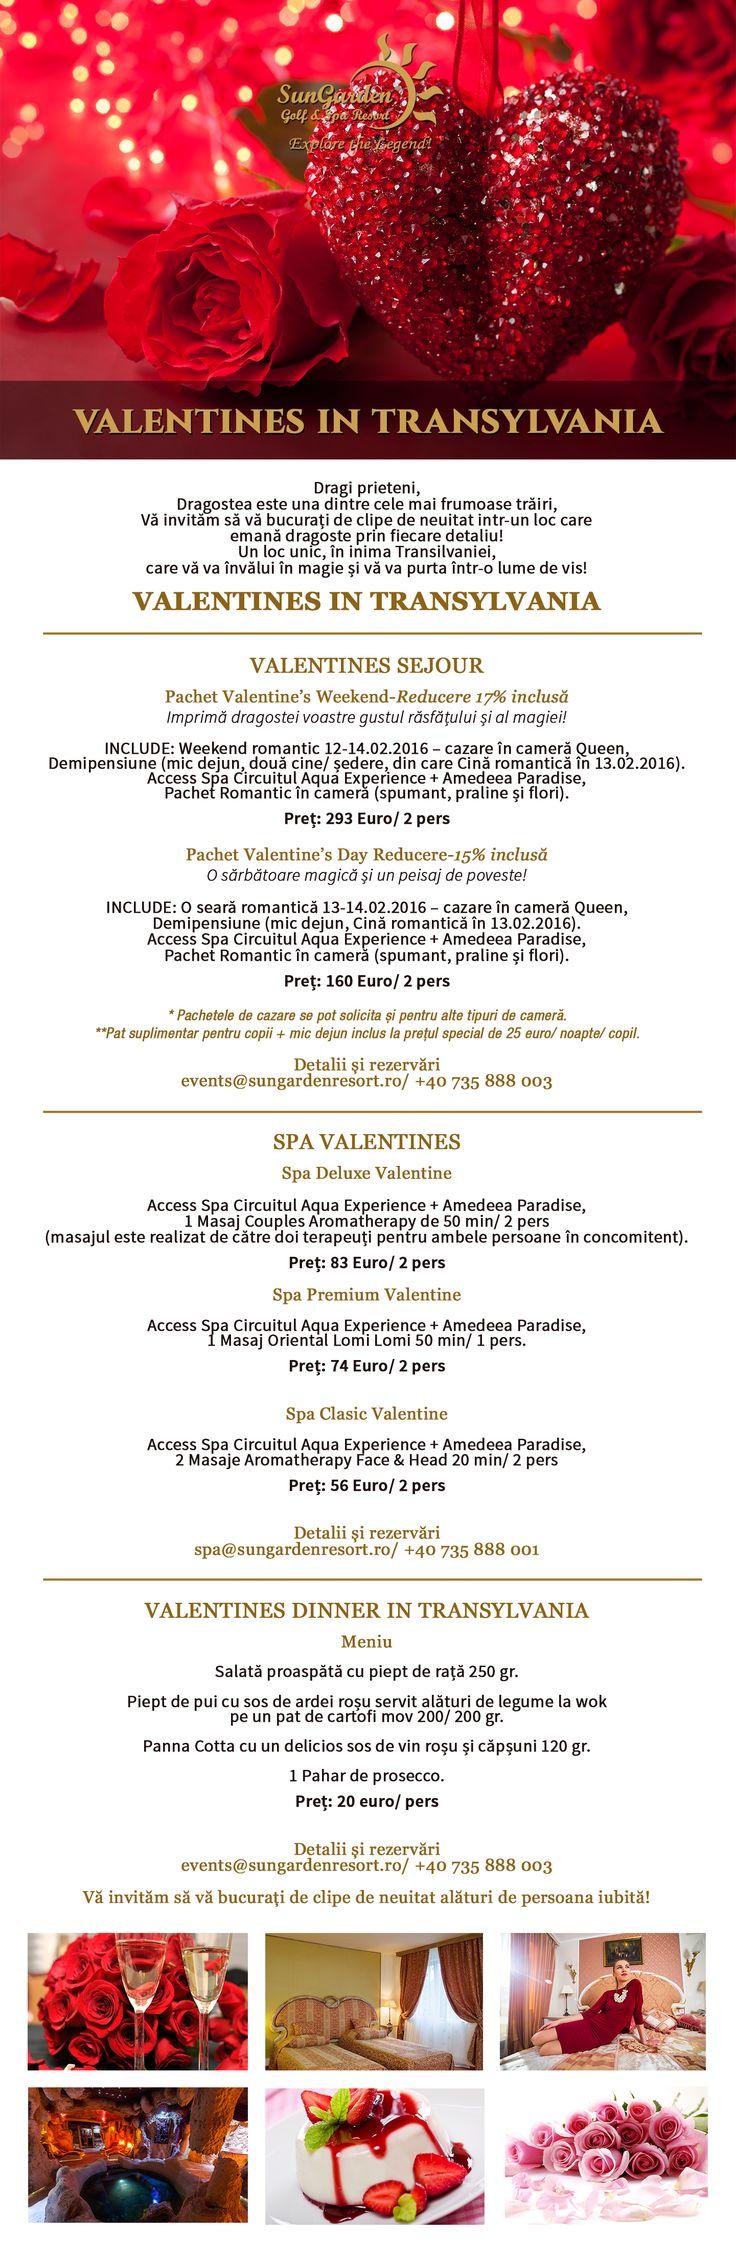 Newsletter valentines day